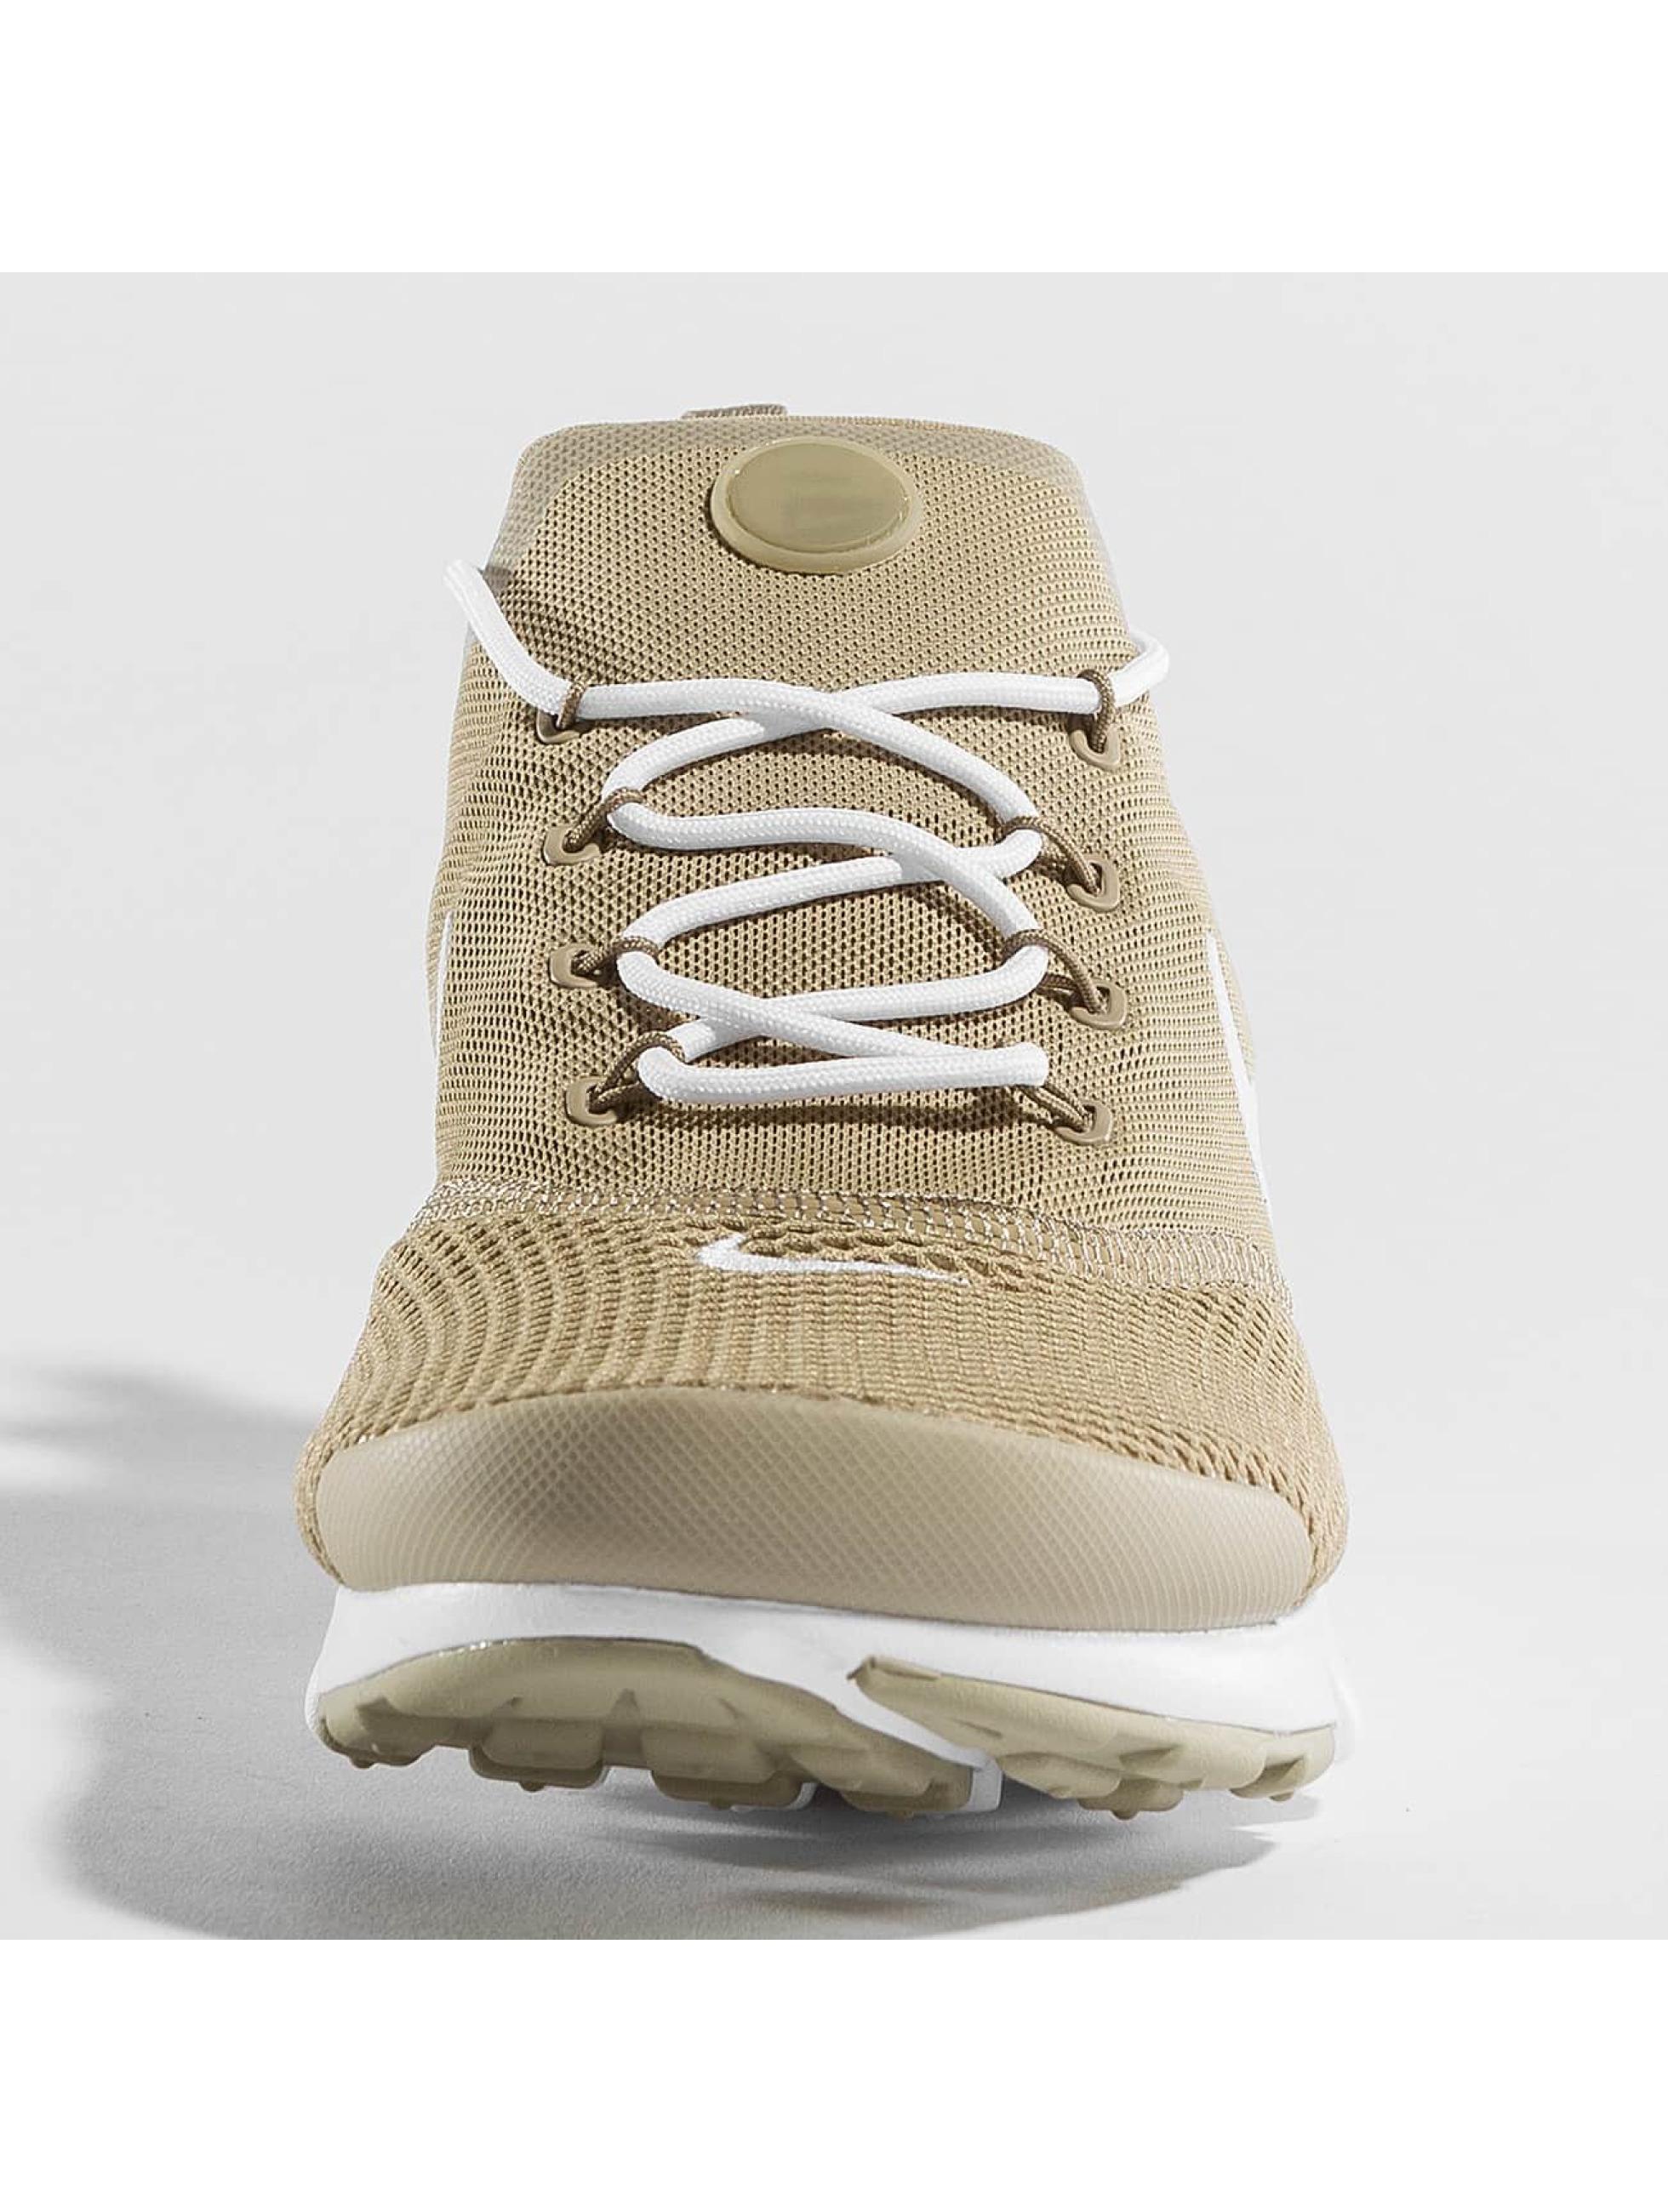 Nike Sneaker Presto Fly khaki